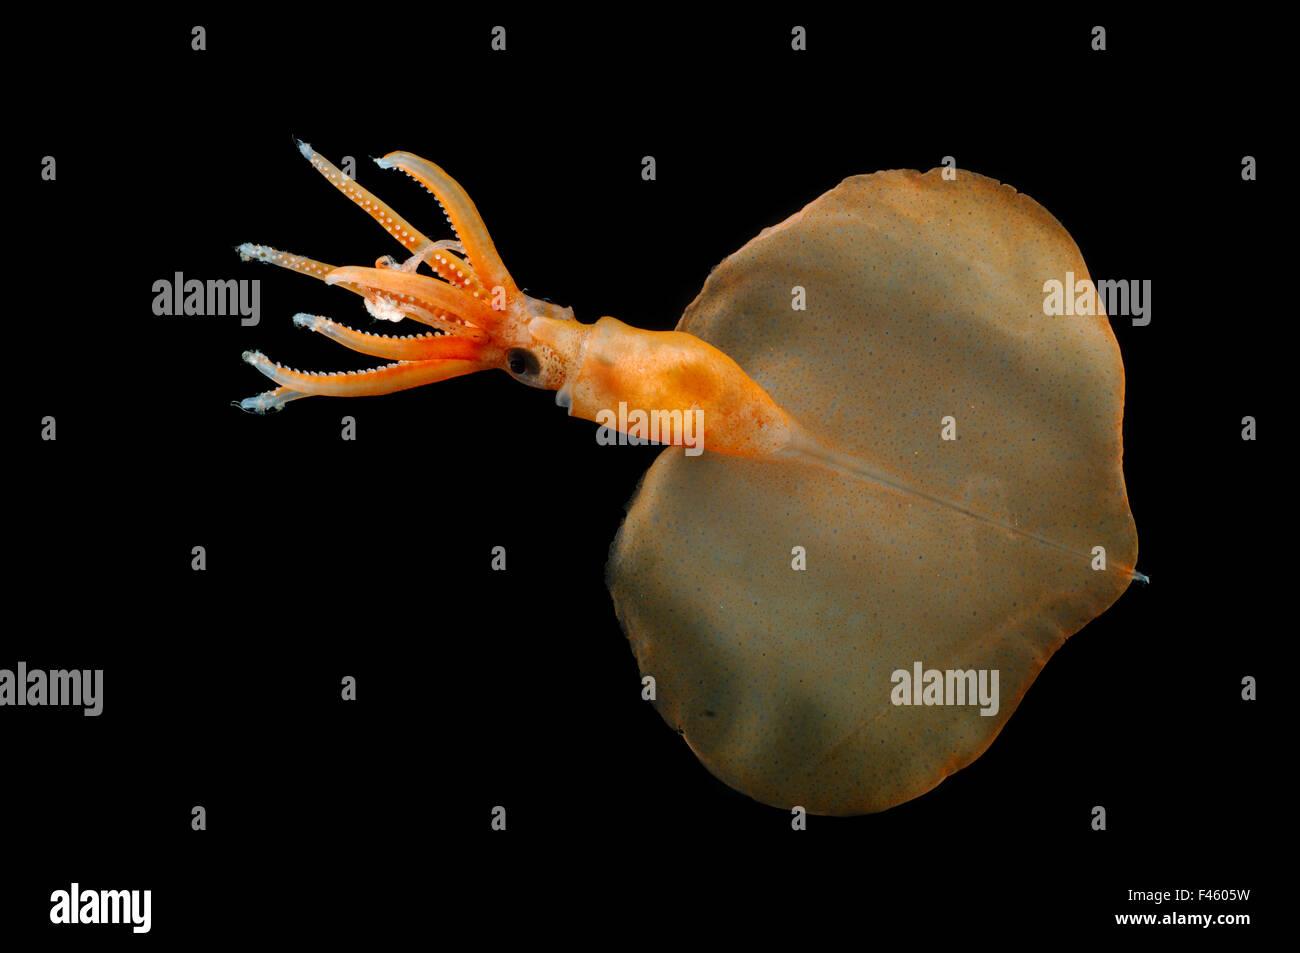 Großen Fin Tintenfisch (Magnapinna Atlantica) Arten, die nur von zwei Exemplaren bekannt gesammelt im nördlichen Stockbild